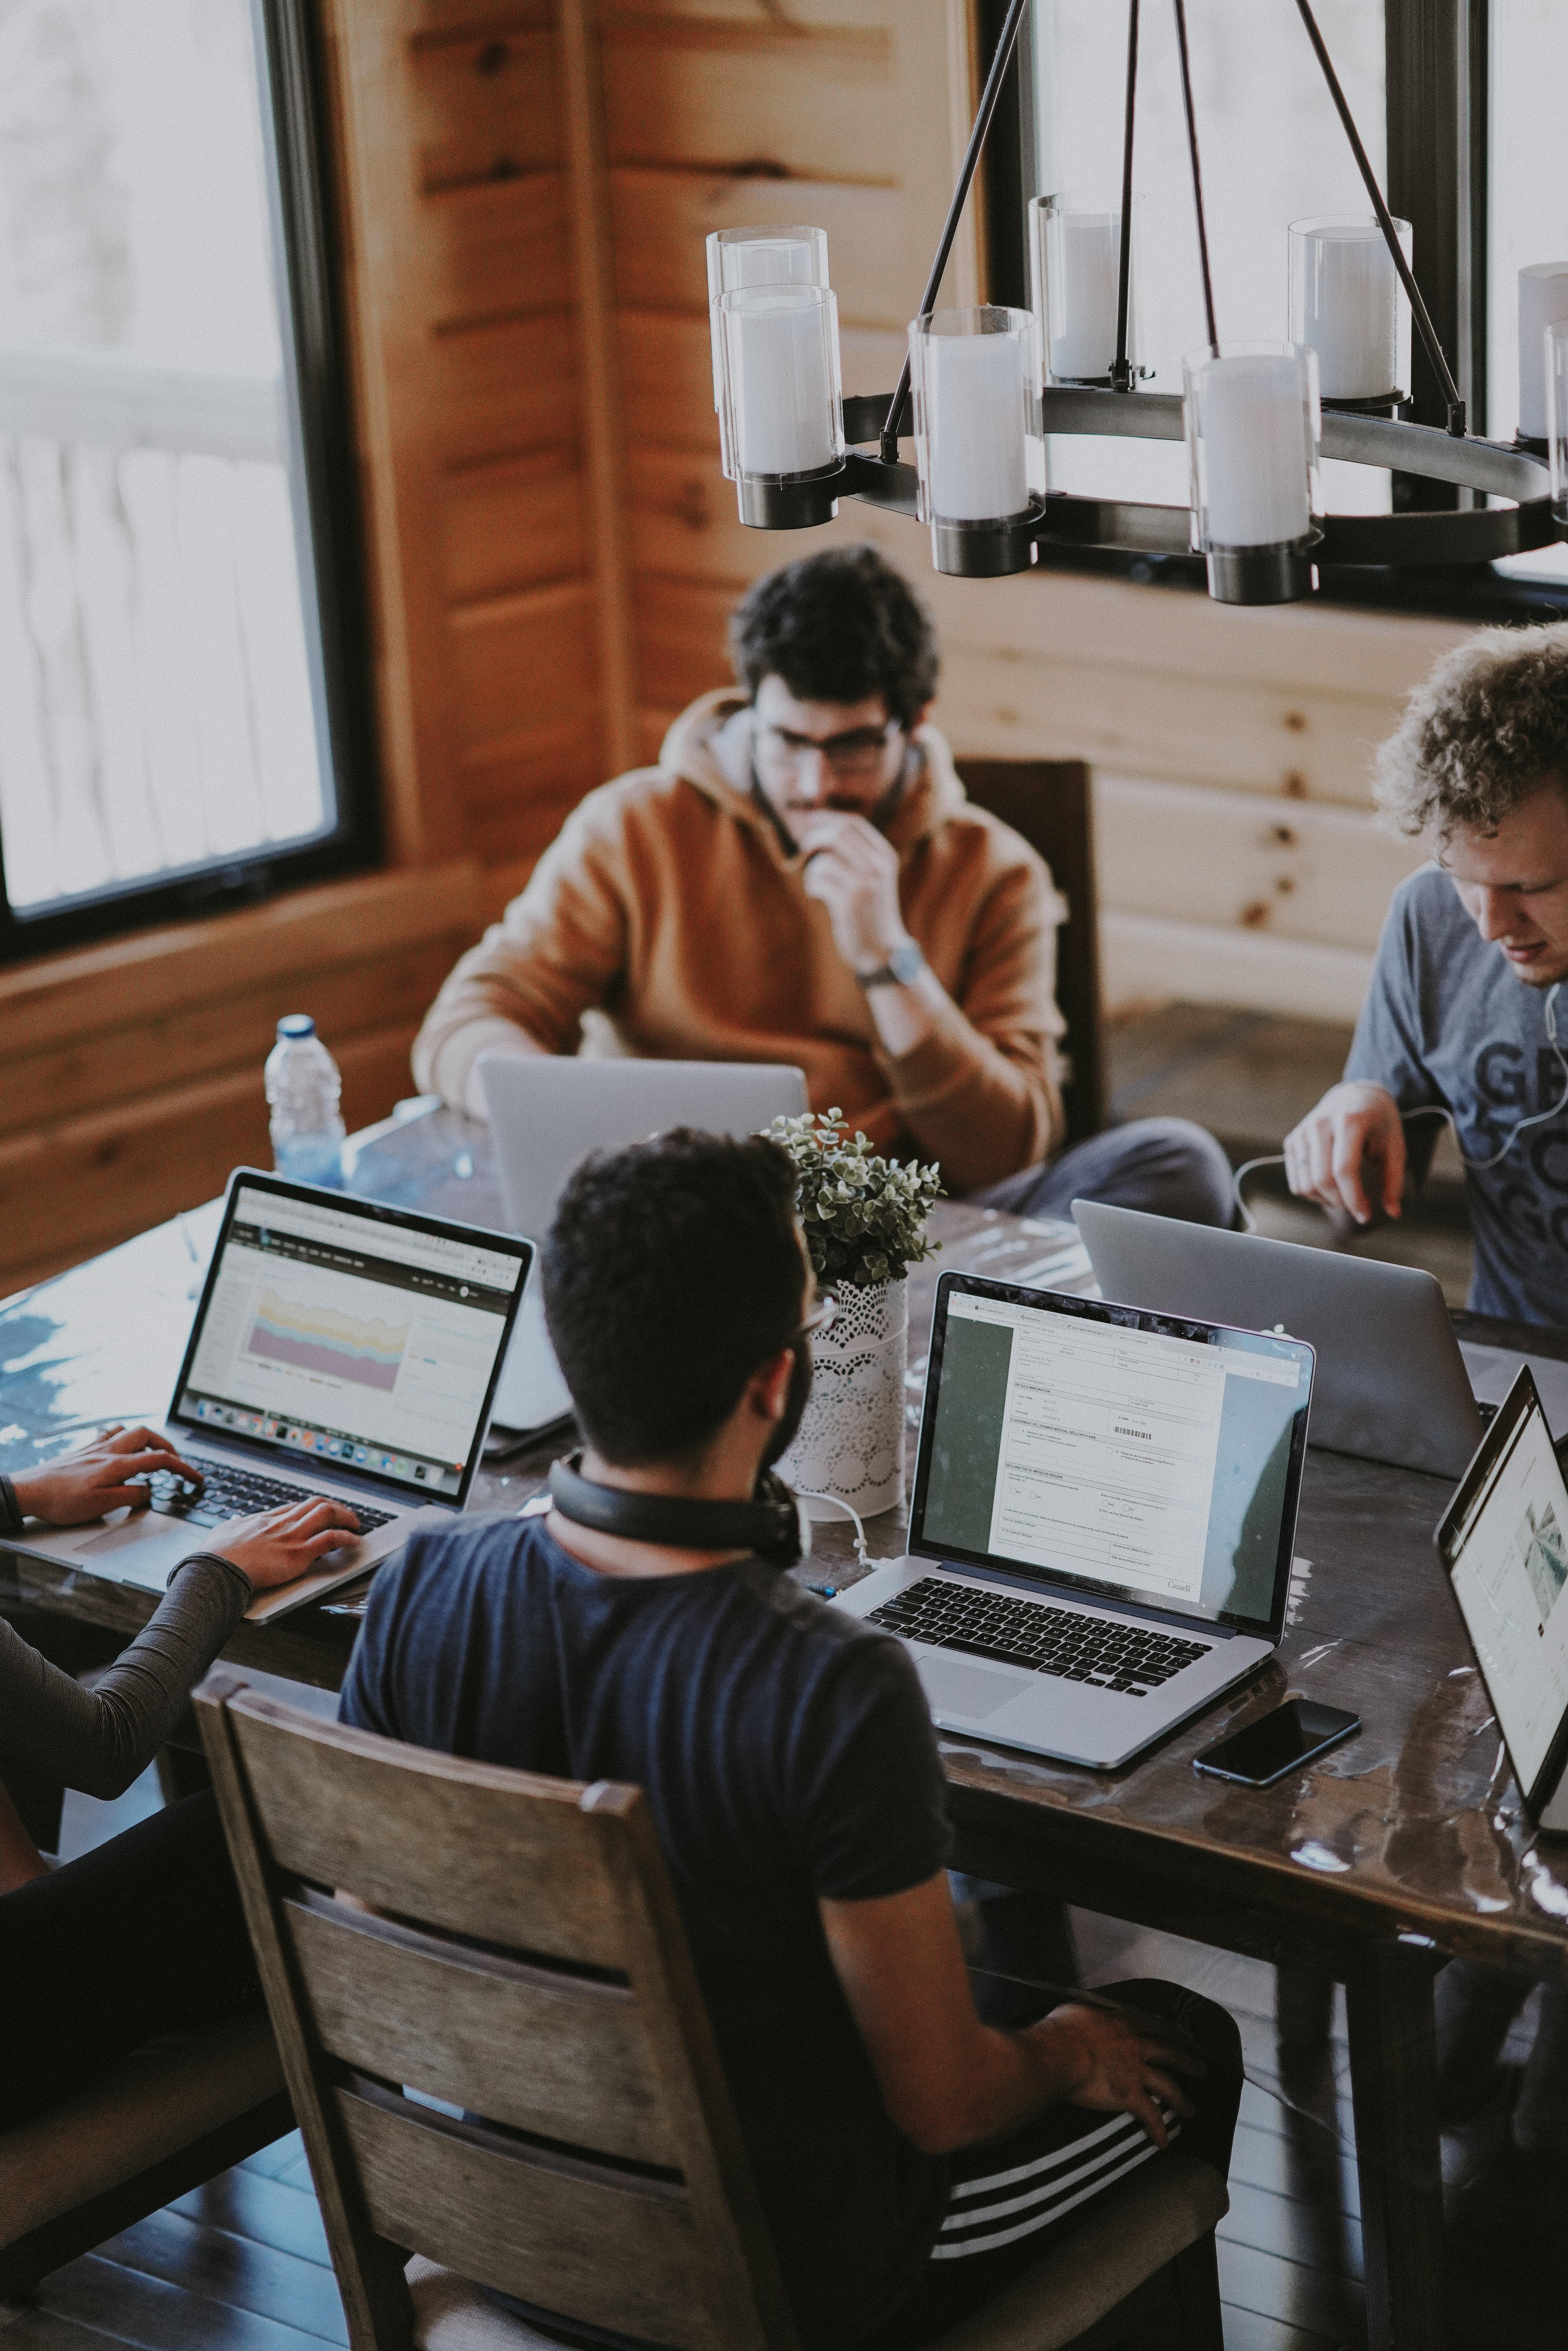 Foto: Vier junge Männder sitzen an einem Tisch und schauen in ihre Laptops, die vor ihnen stehen.